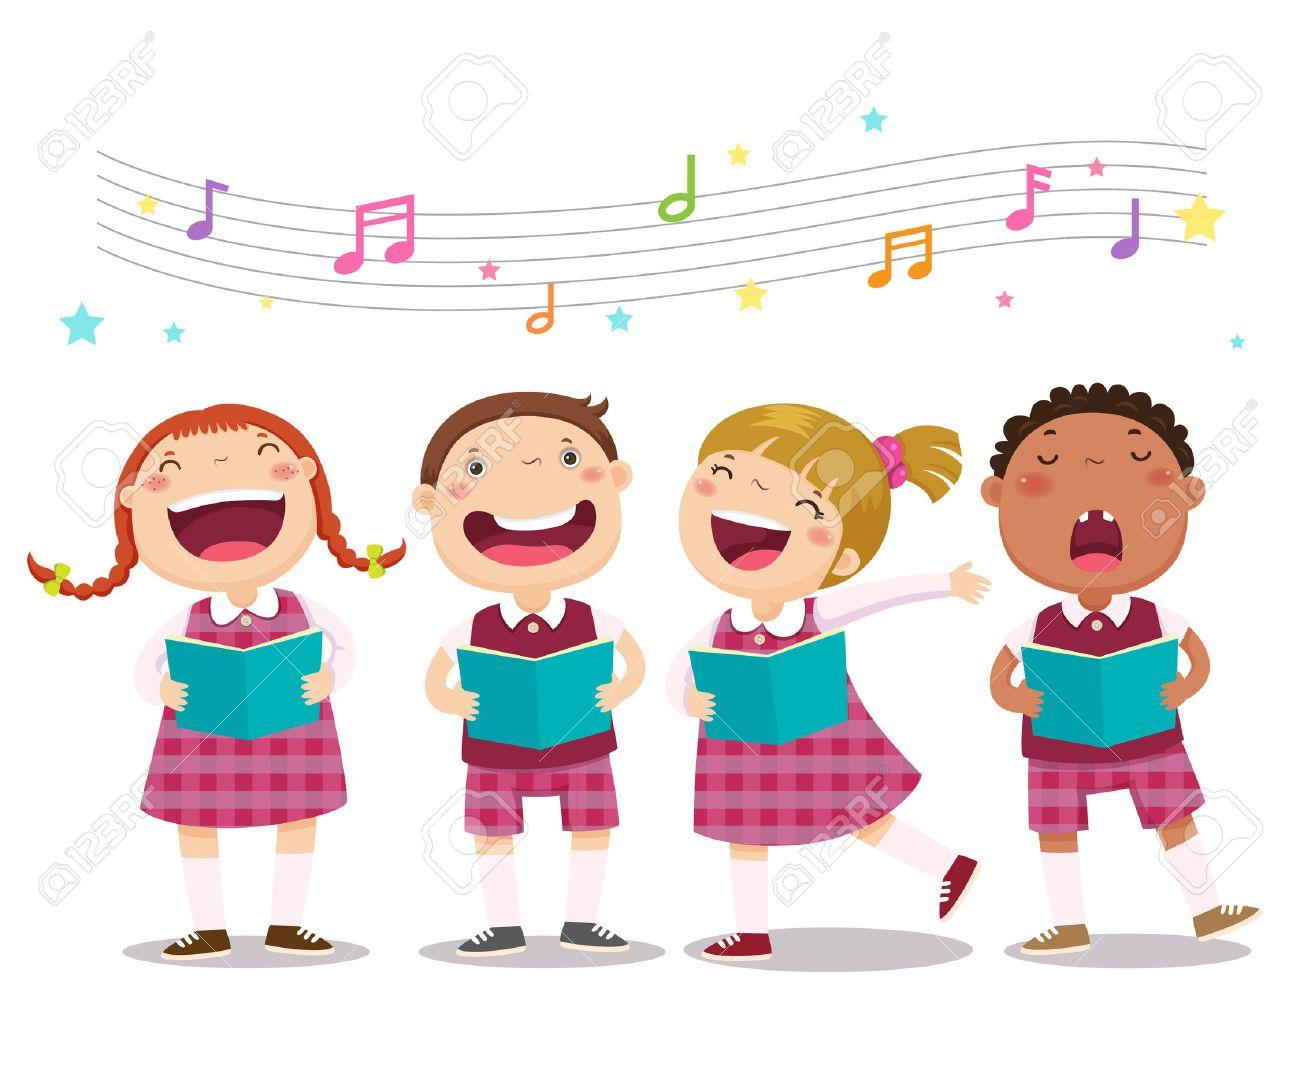 合唱団の女の子と歌を歌っている男の子のベクトル イラストのイラスト